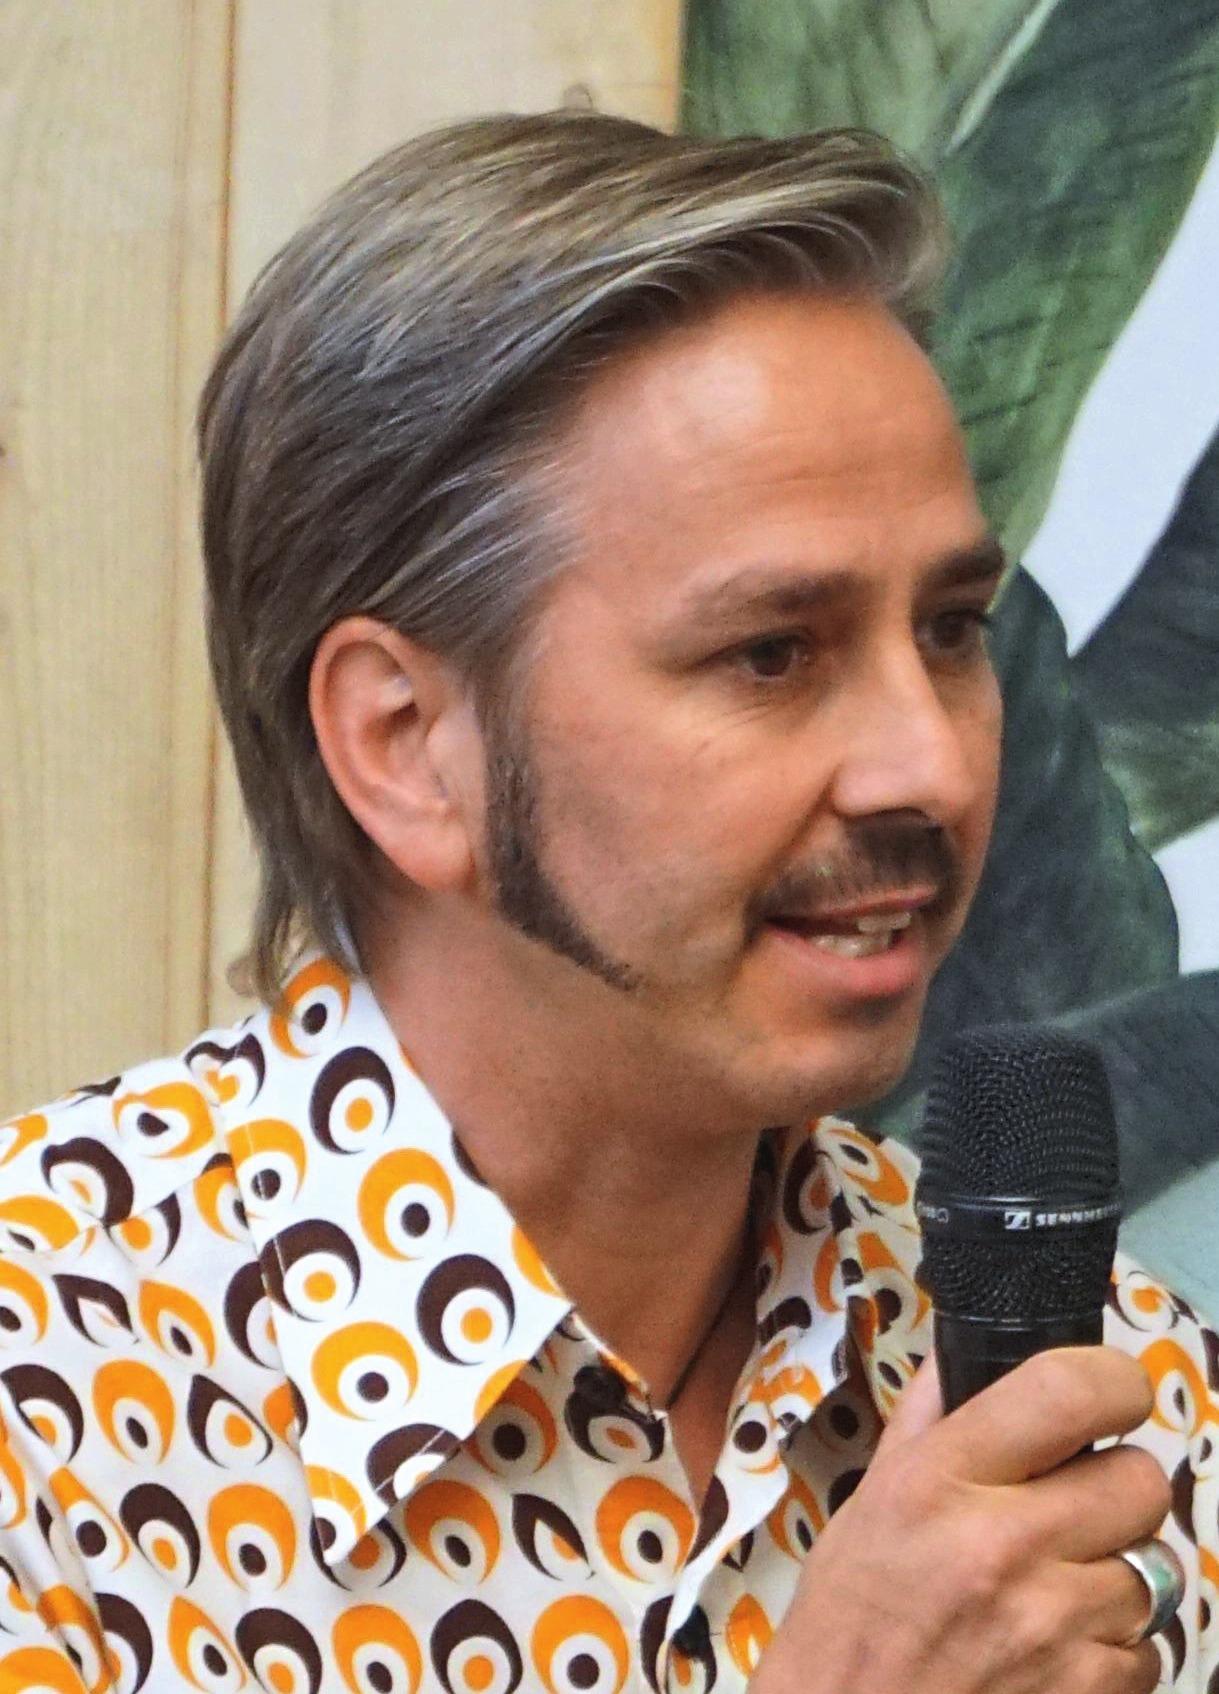 Daniel Kükenhöhner